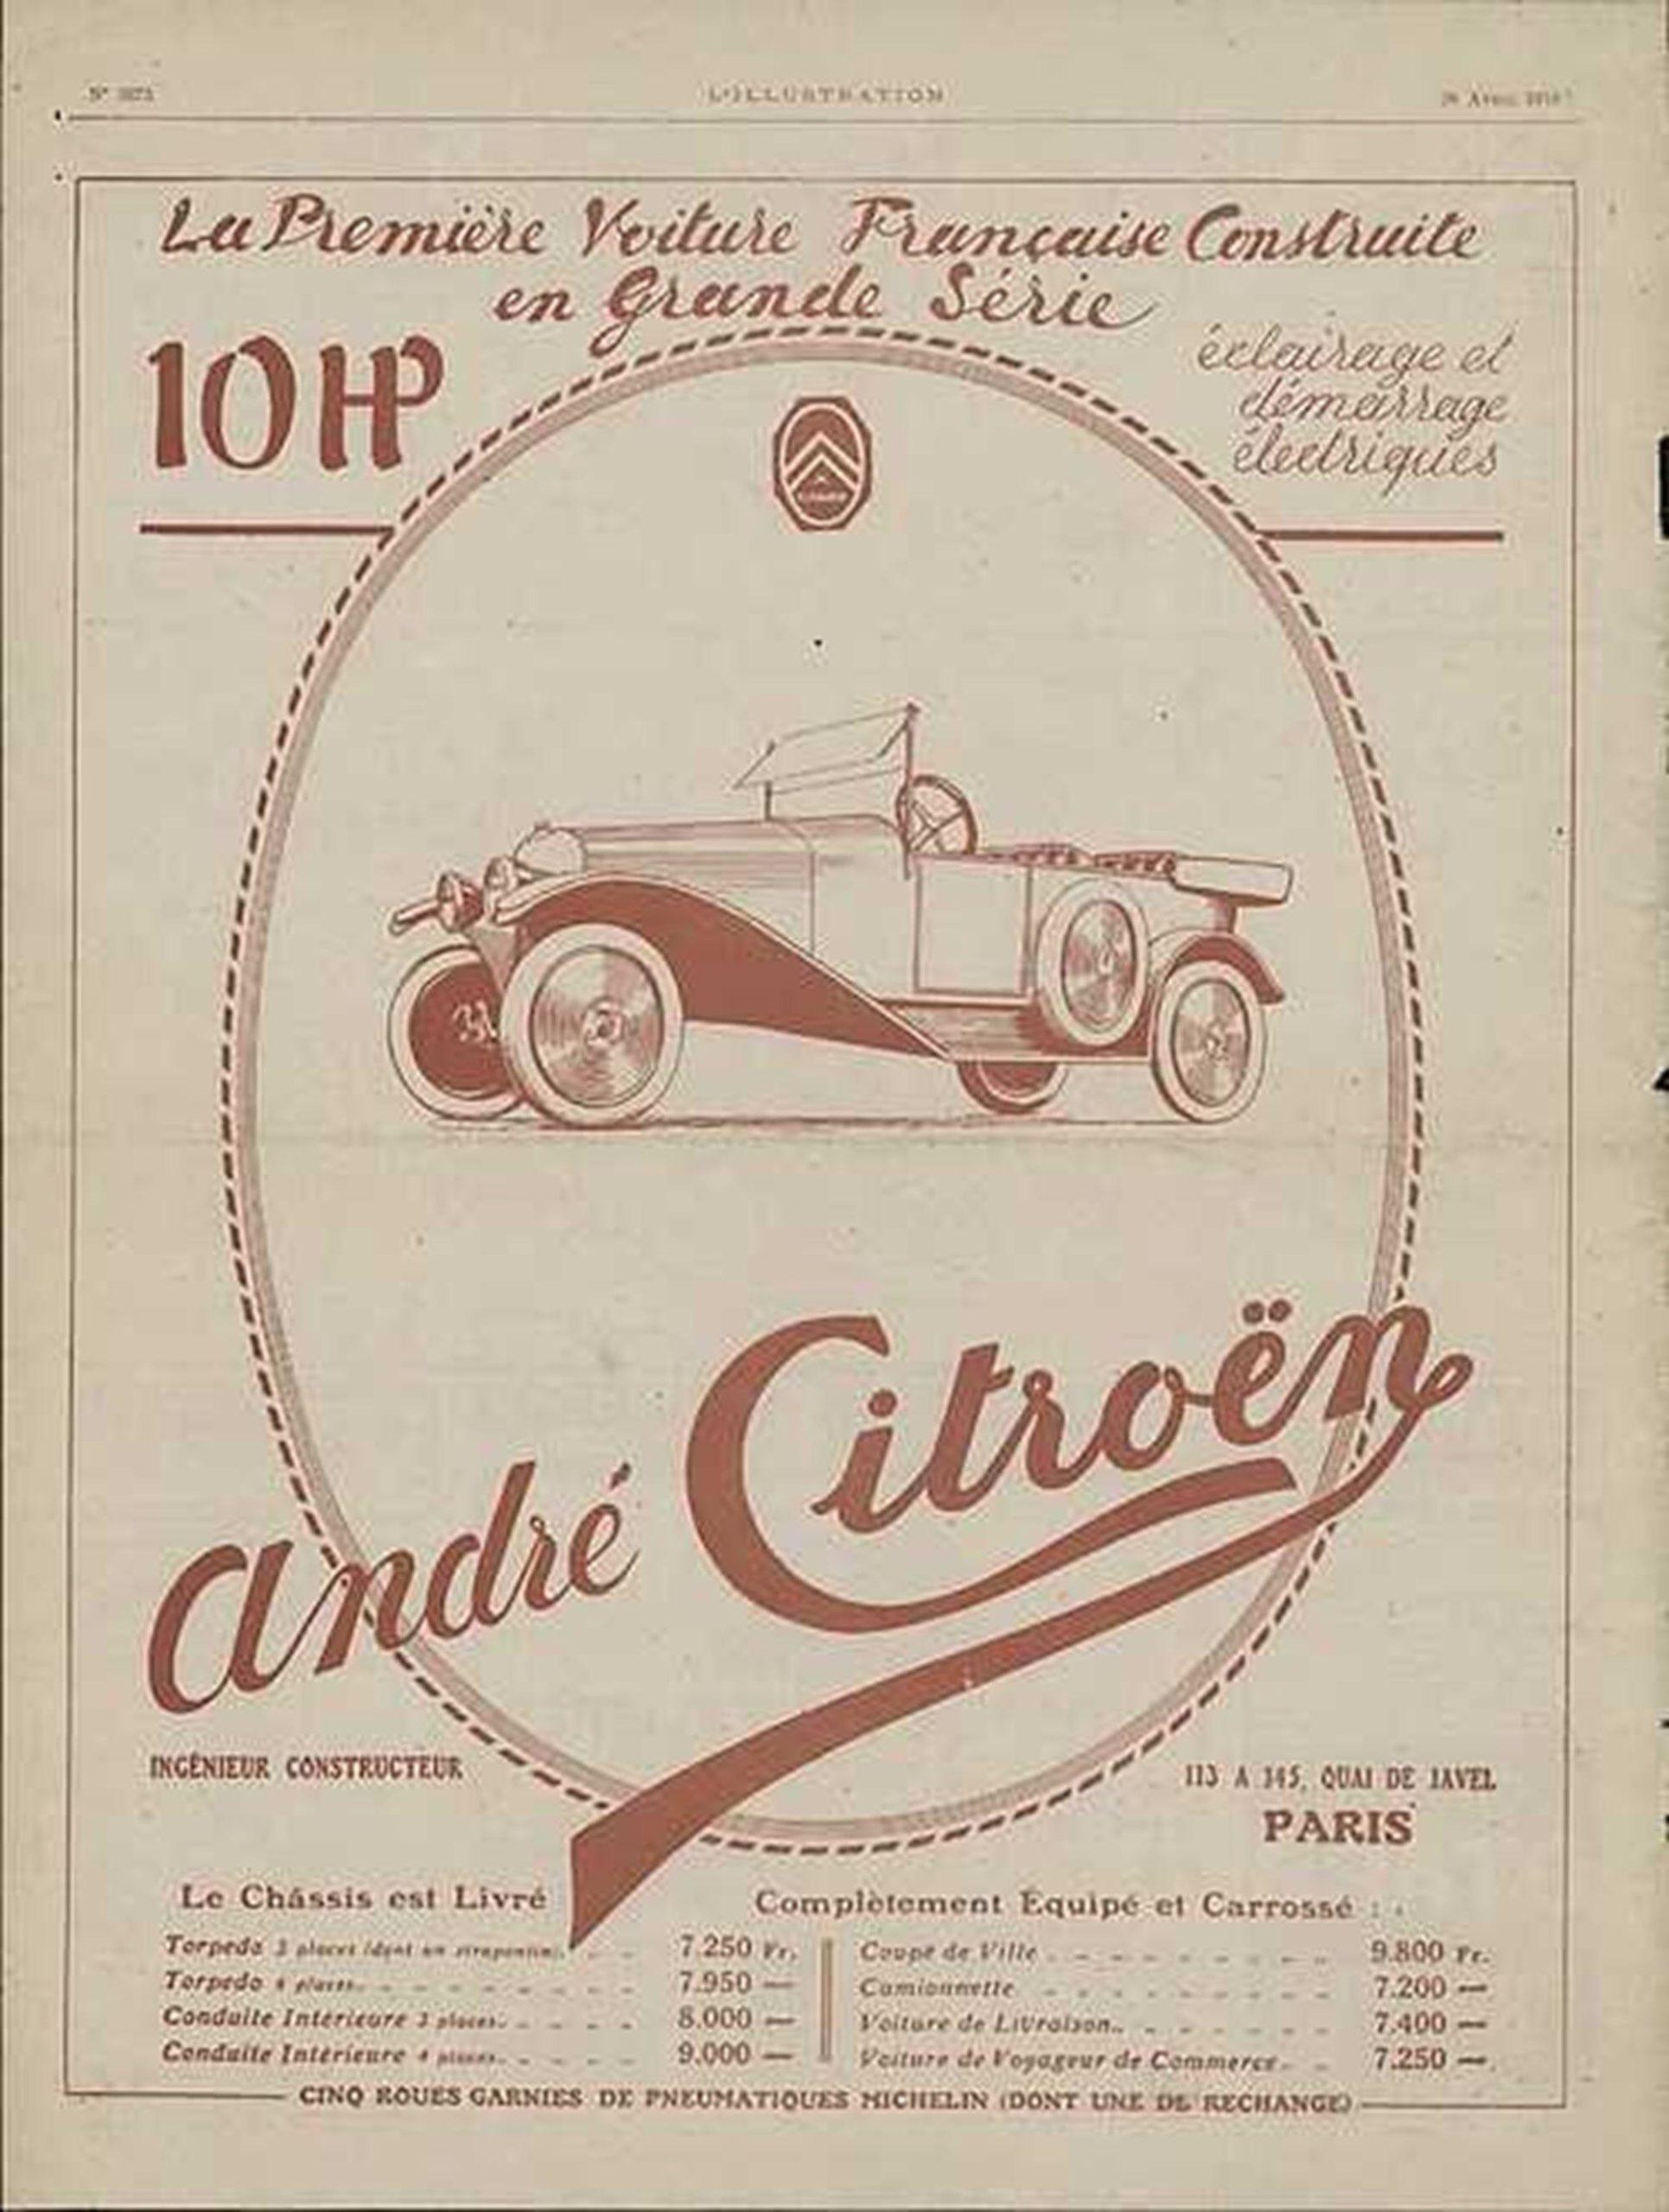 Histoire de Citroën